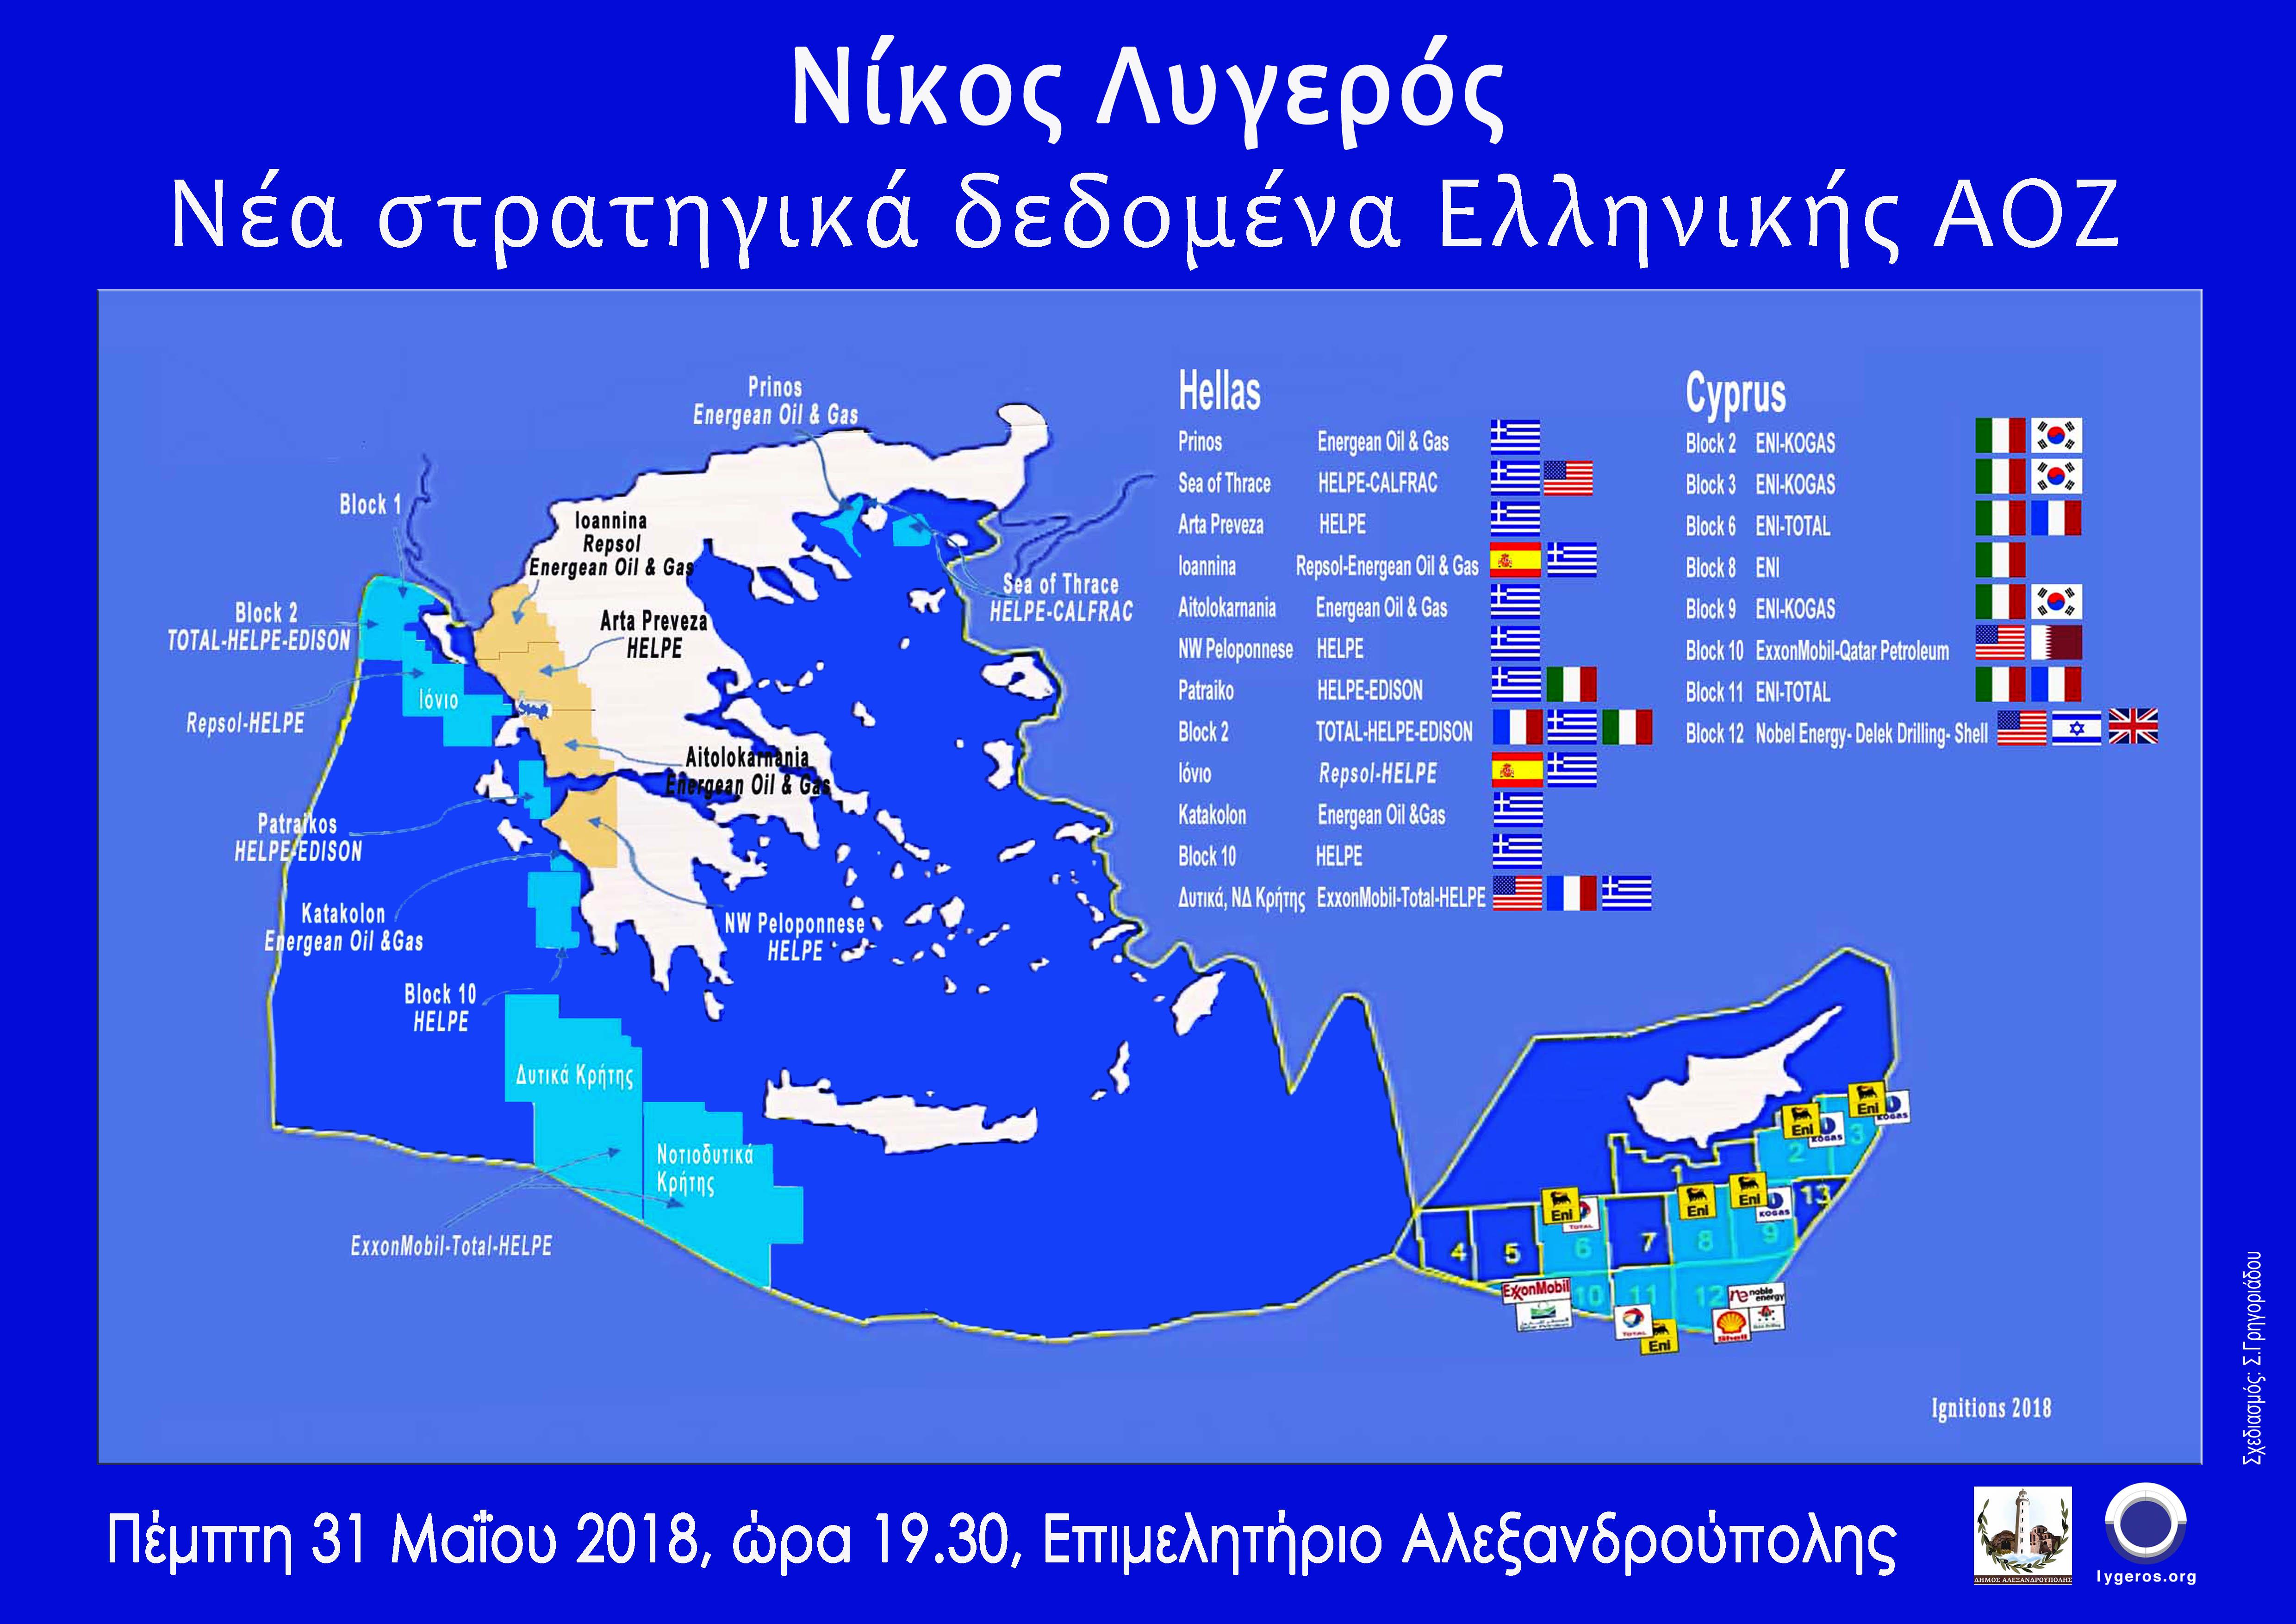 Διάλεξη: Νέα στρατηγικά δεδομένα Ελληνικής ΑΟΖ